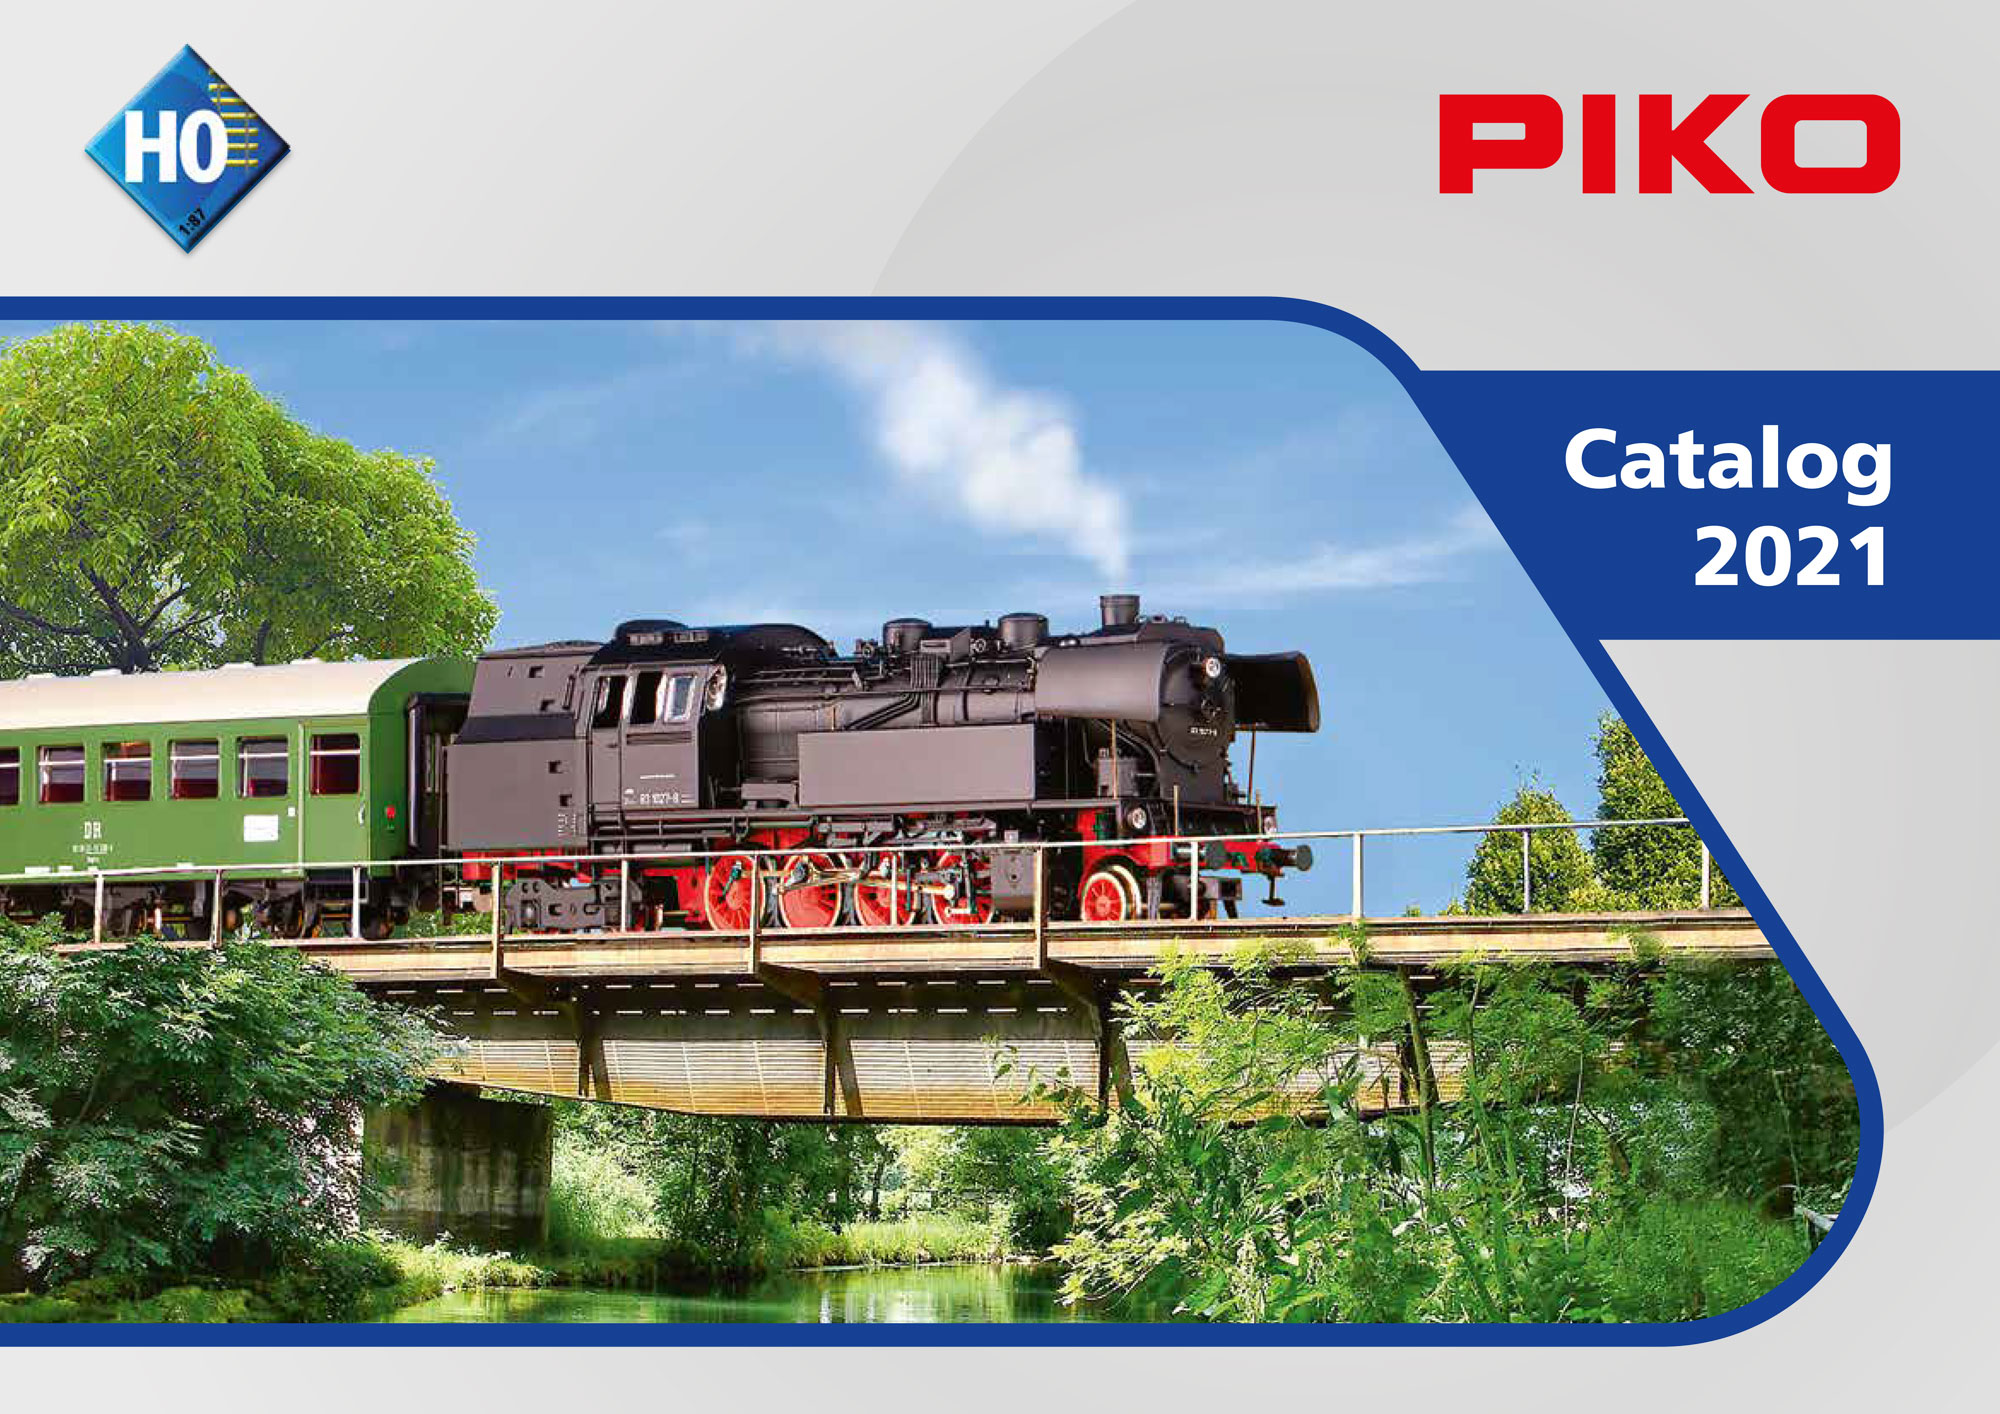 PIKO - Catalog 2021